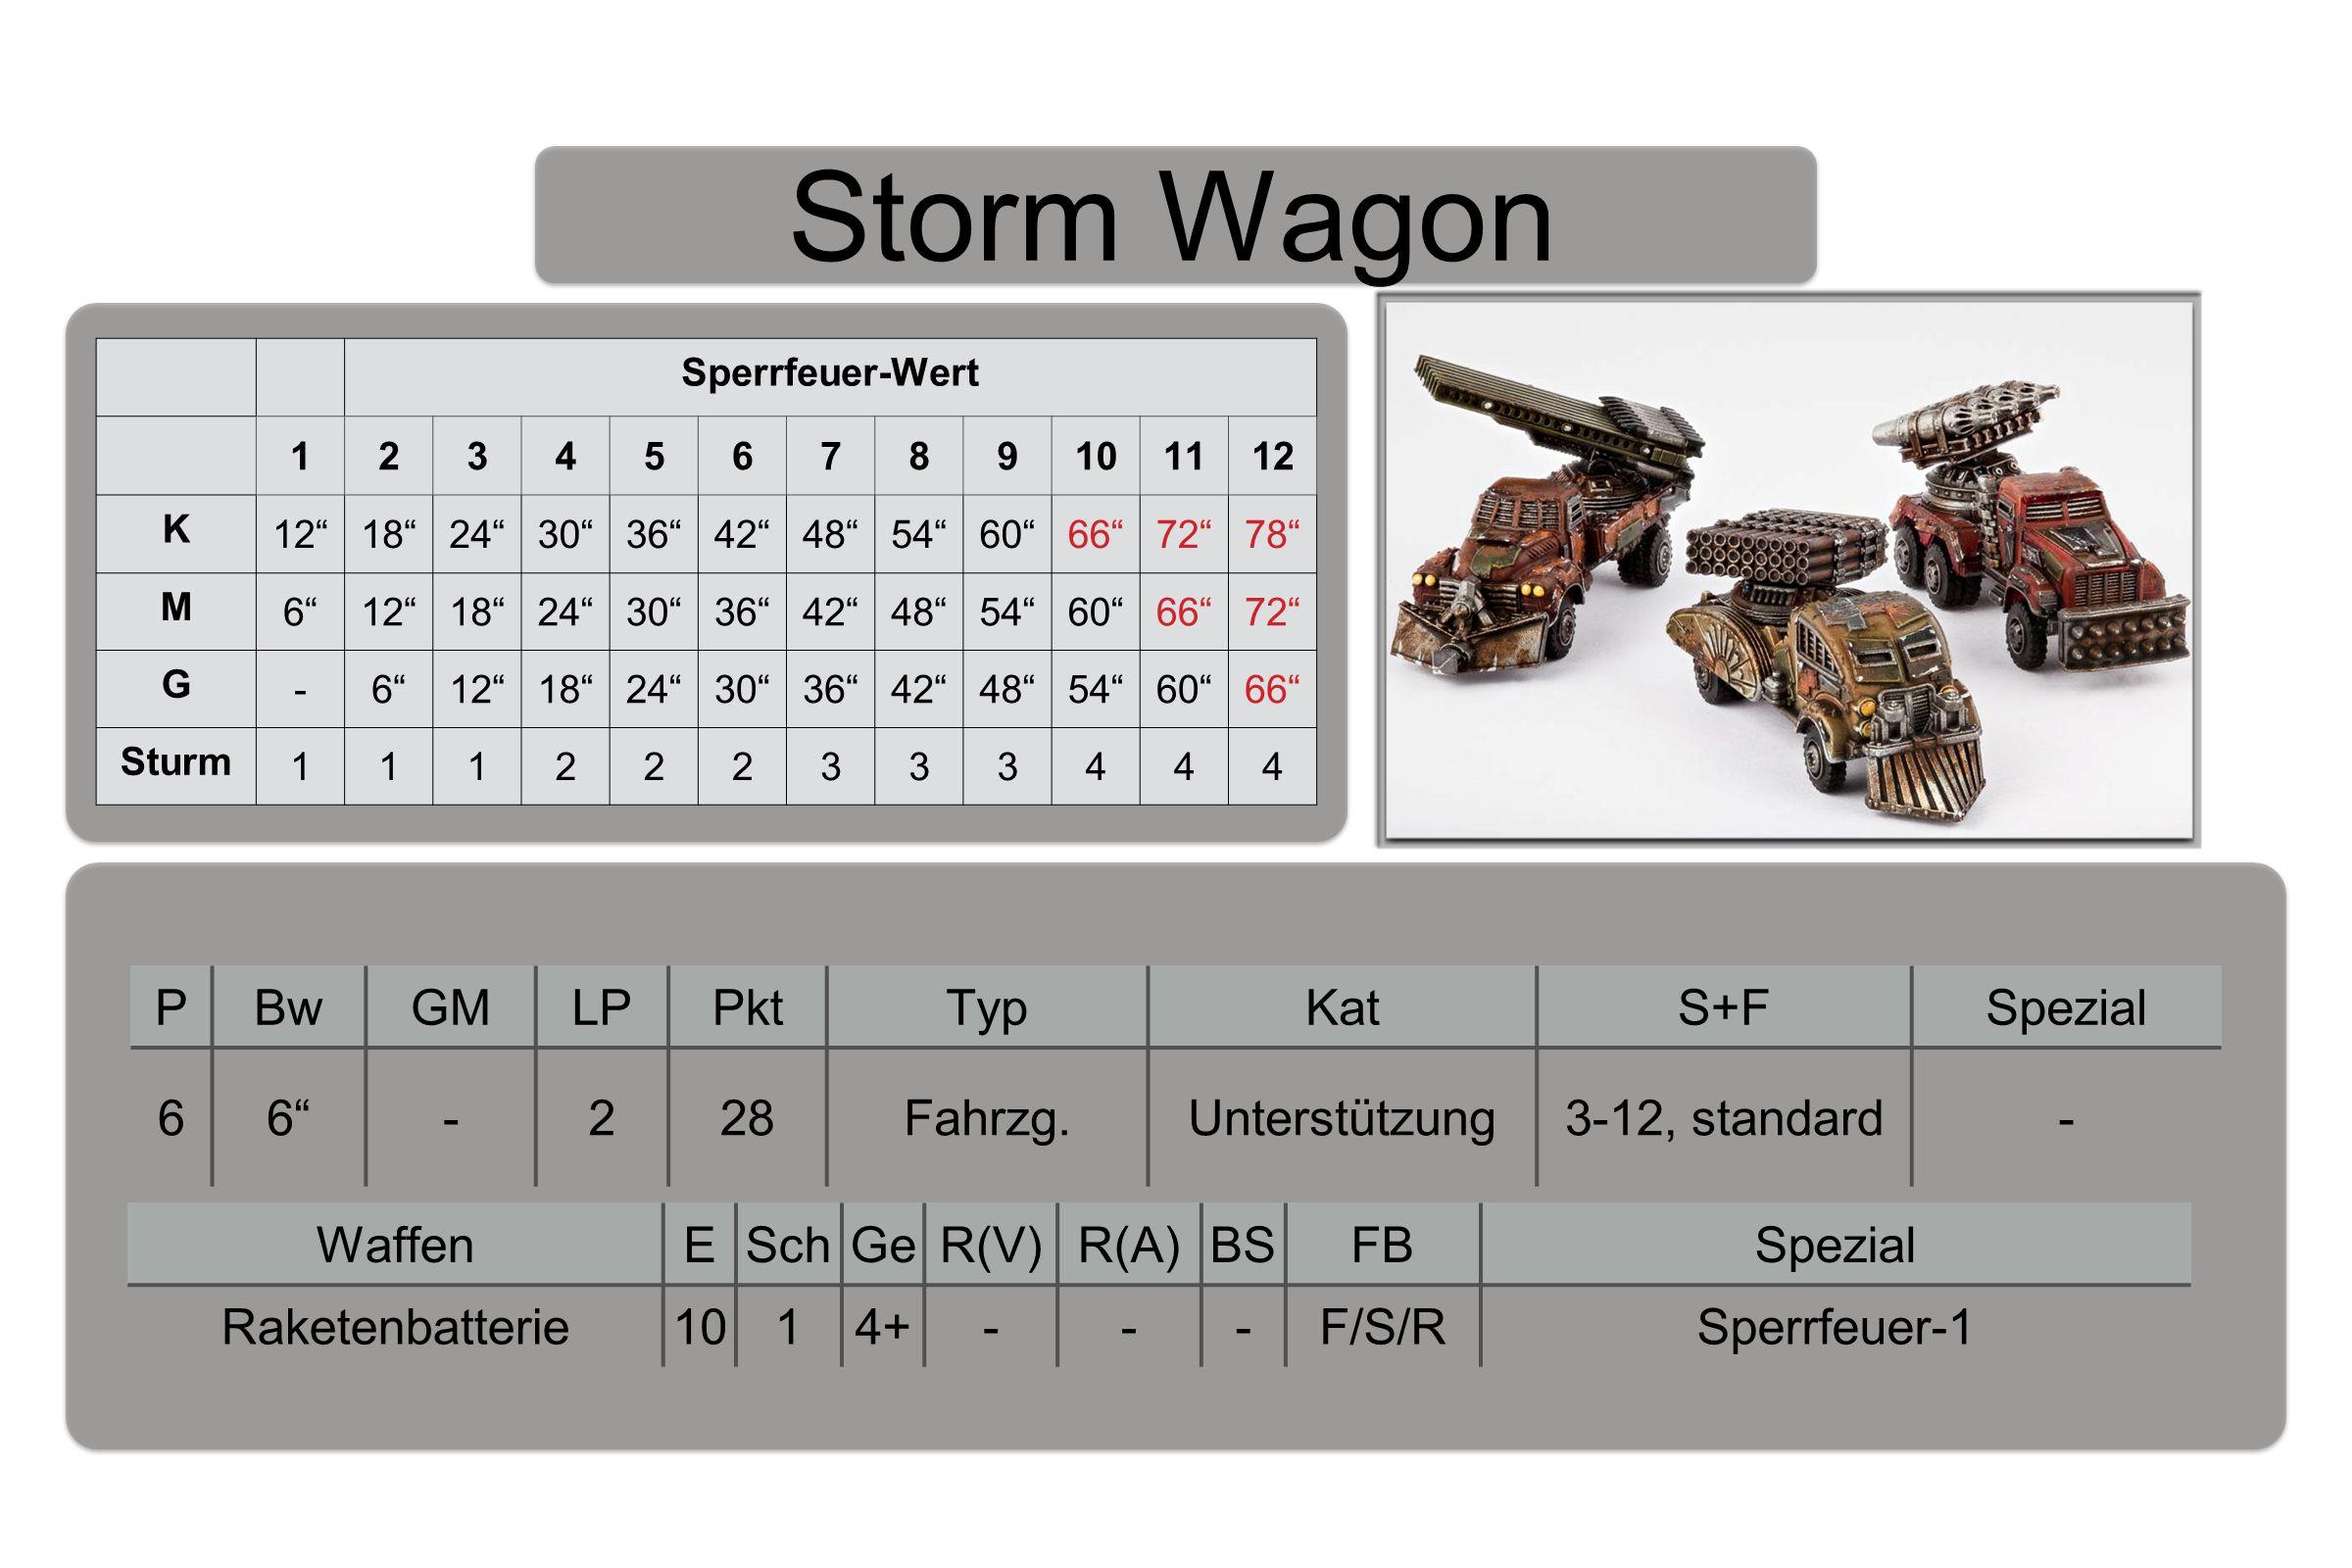 Storm Wagon PBwGMLPPktTypKatS+FSpezial 66 -228Fahrzg.Unterstützung3-12, standard- WaffenESchGeR(V)R(A)BSFBSpezial Raketenbatterie1014+---F/S/RSperrfeuer-1 Sperrfeuer-Wert 123456789101112 K 12 18 24 30 36 42 48 54 60 66 72 78 M 6 12 18 24 30 36 42 48 54 60 66 72 G -6 12 18 24 30 36 42 48 54 60 66 Sturm 111222333444